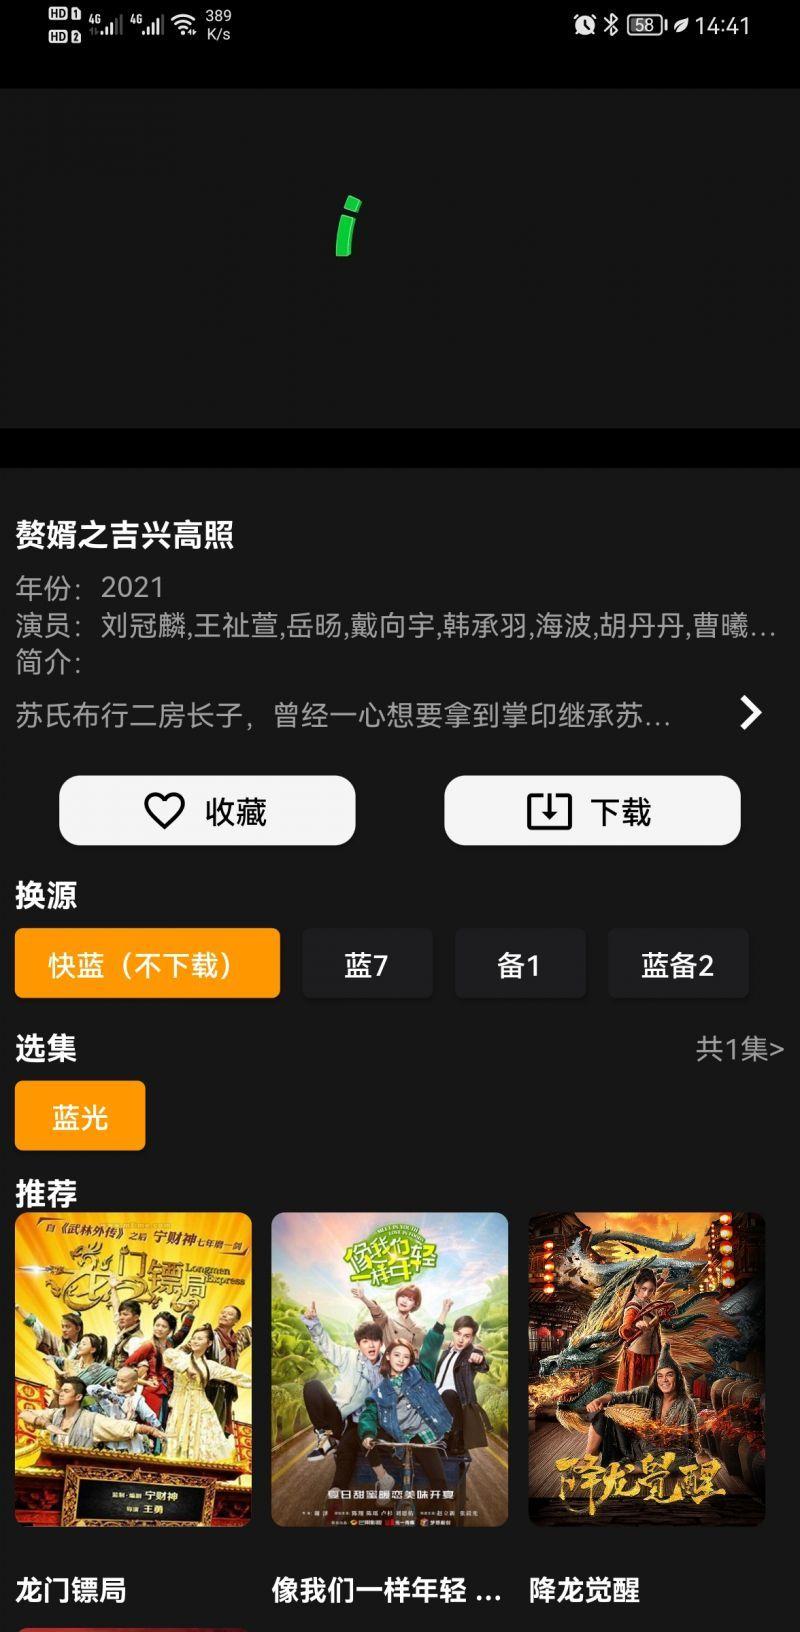 楊桃影視app軟件截圖